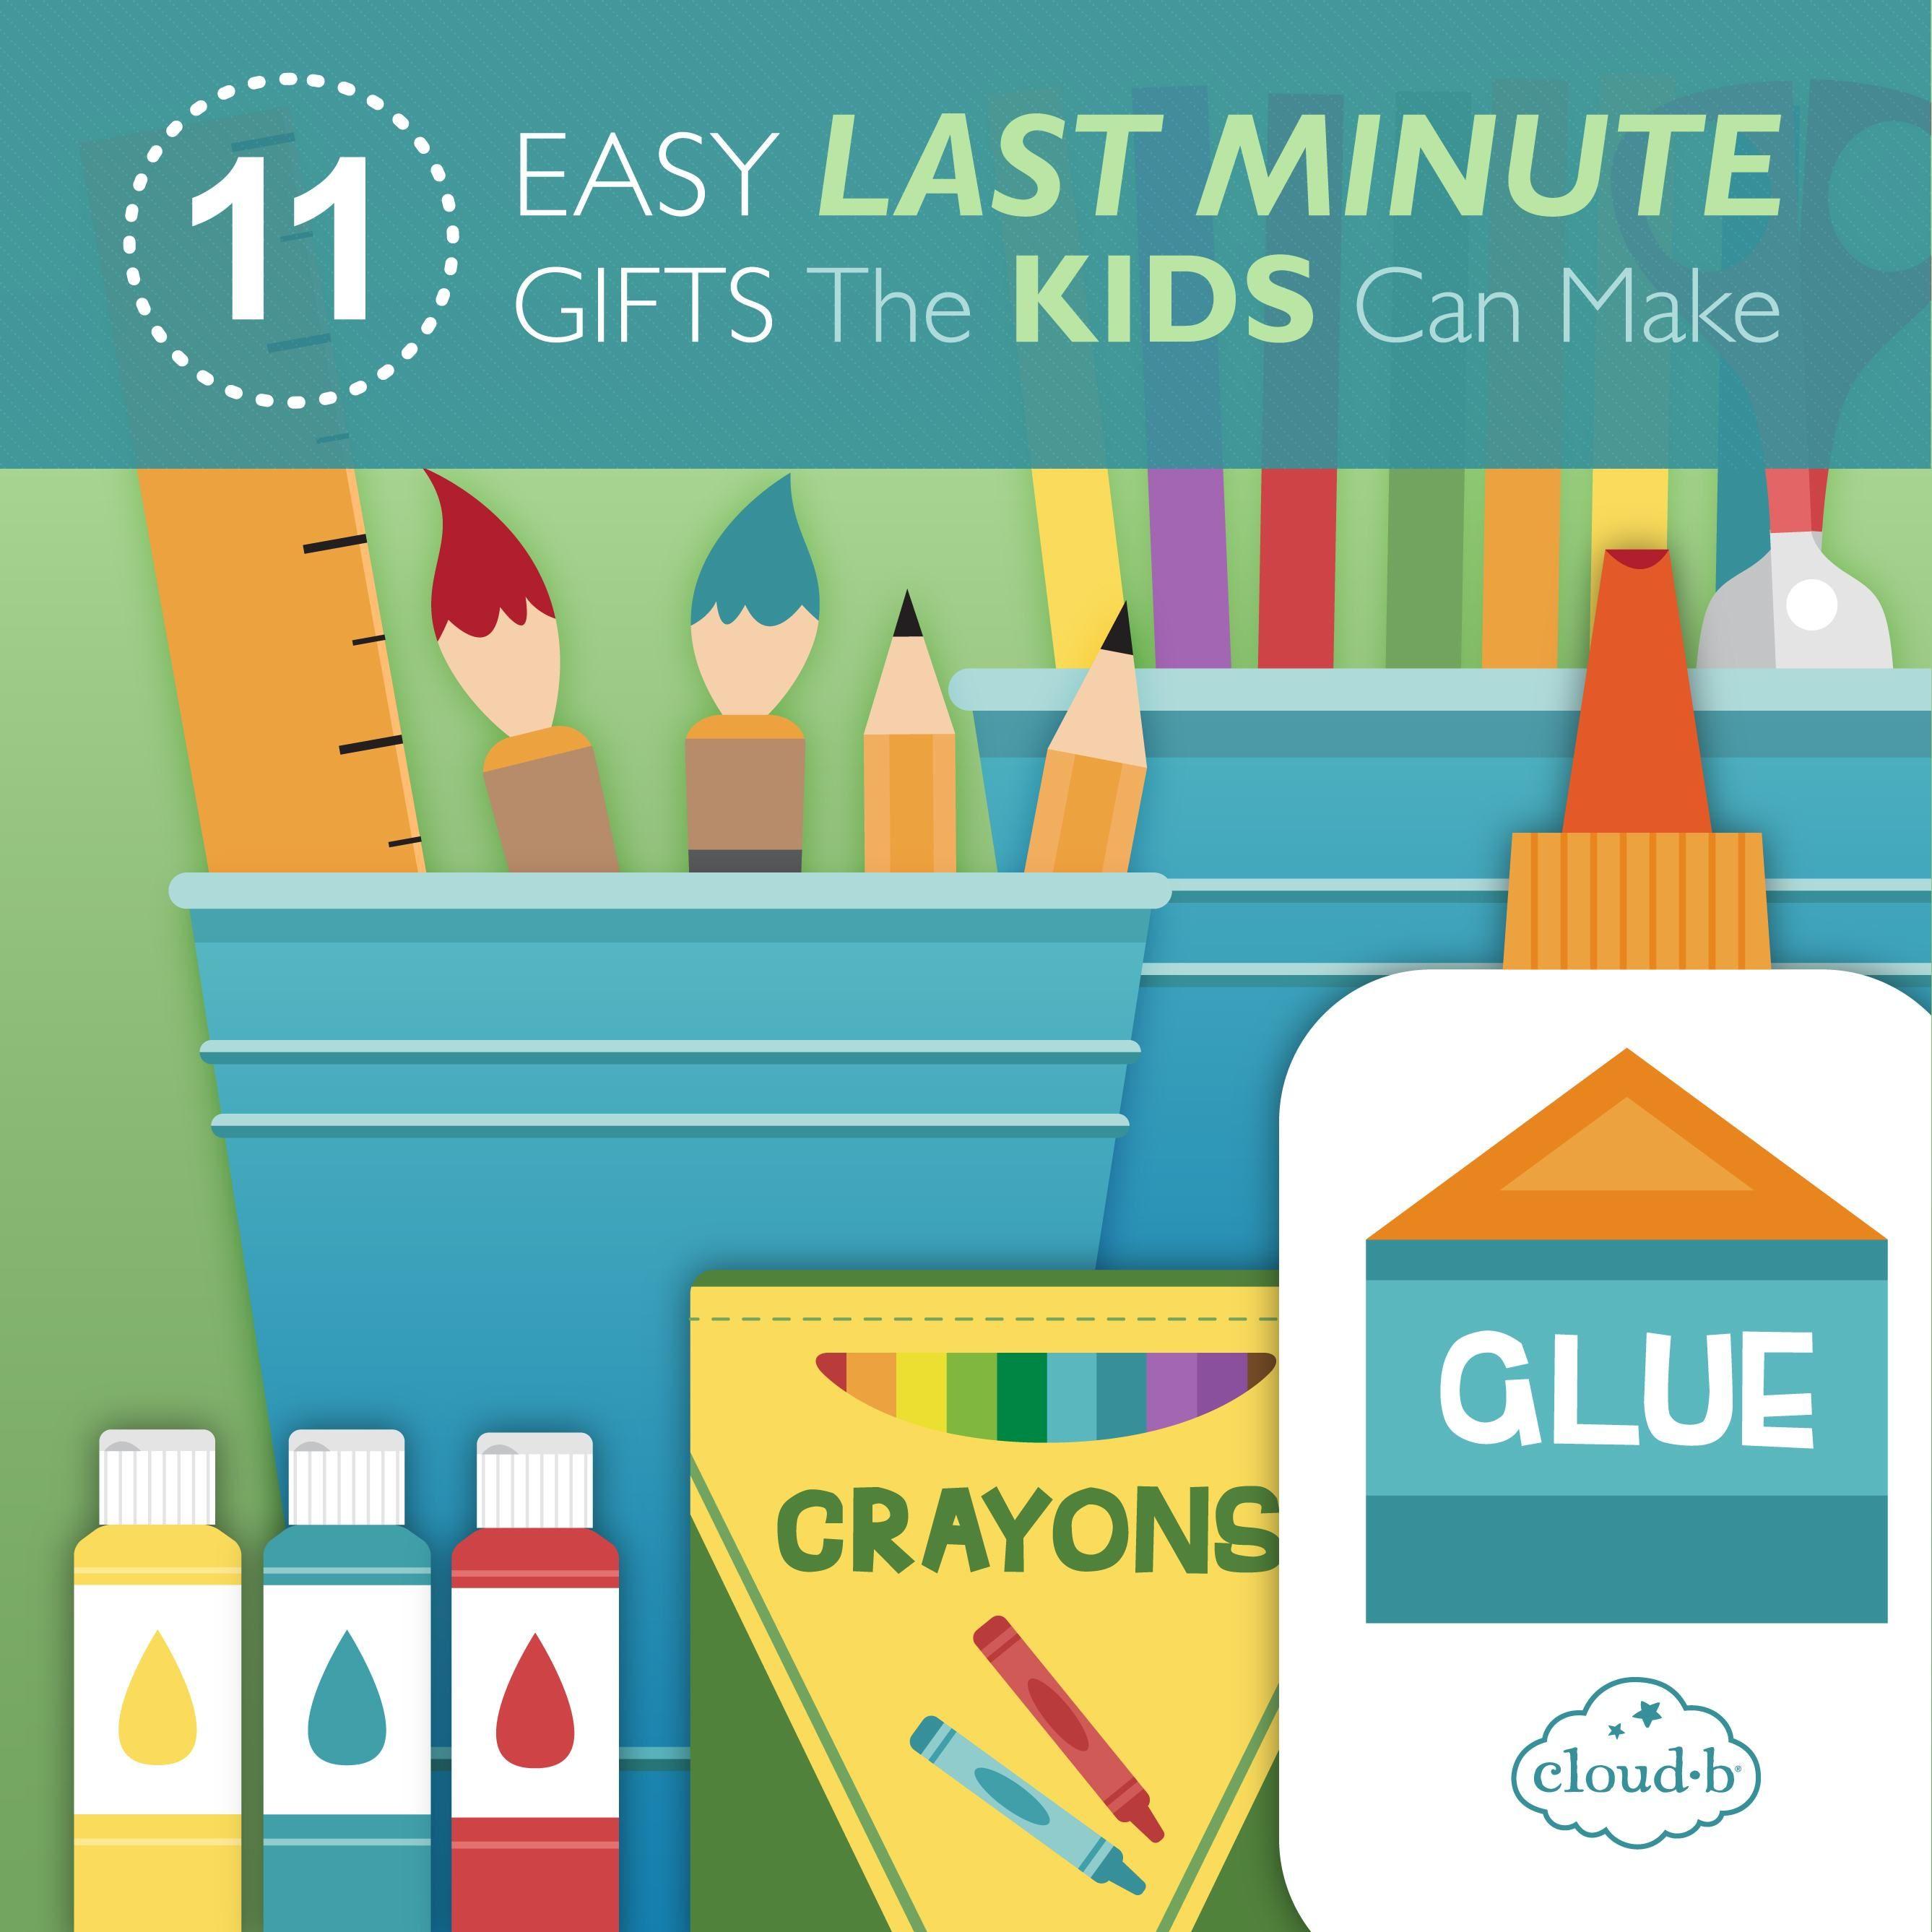 11 Easy Last Minute Gifts the Kids Can Make. 11 fine hjemmelavede julegaver eller fødselsdagsgaver, der er nemme for børnene. Nemme idéer!